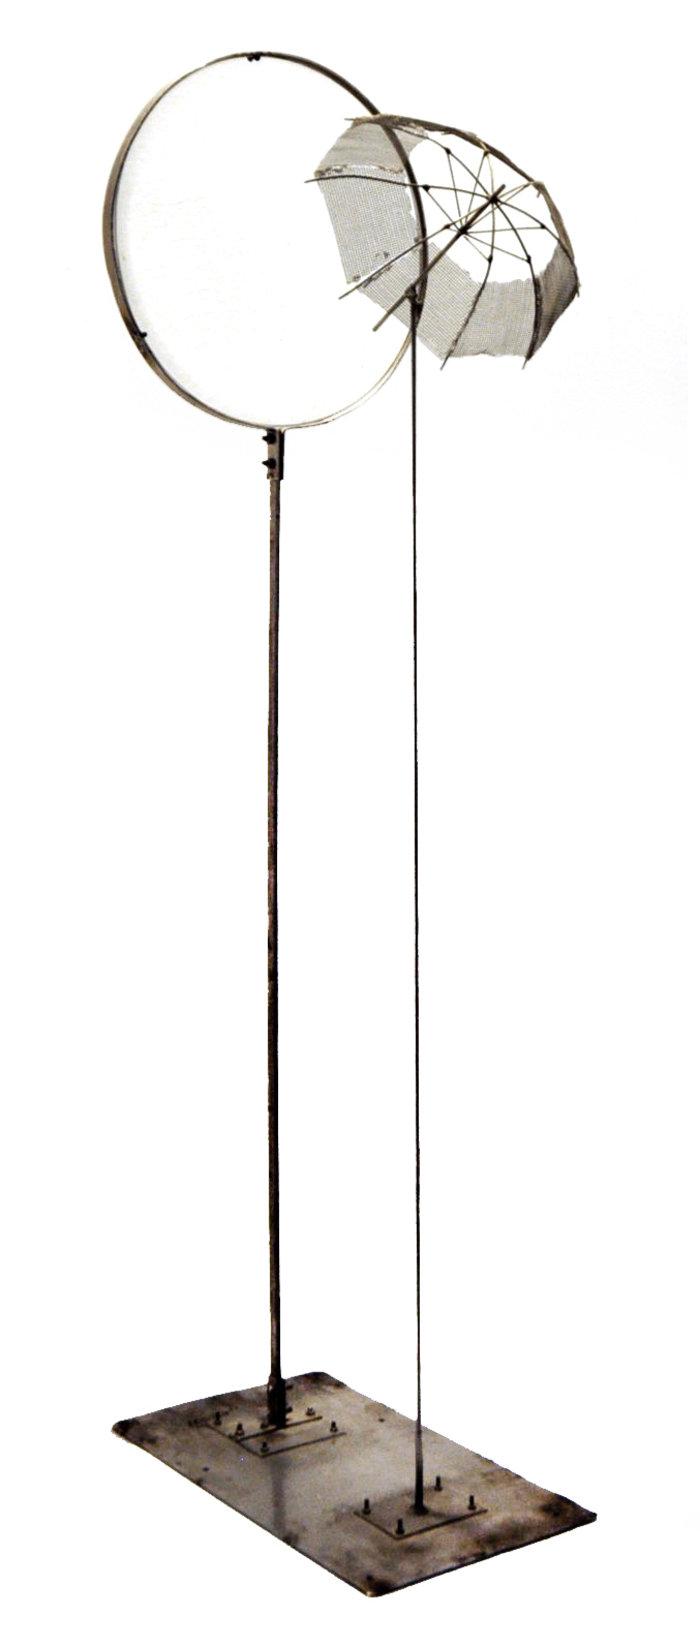 Φακός με ομπρέλα, 1984, ανοξείδωτος χάλυβας και πλεξιγκλάς, 100 x 33 x 19 εκ.